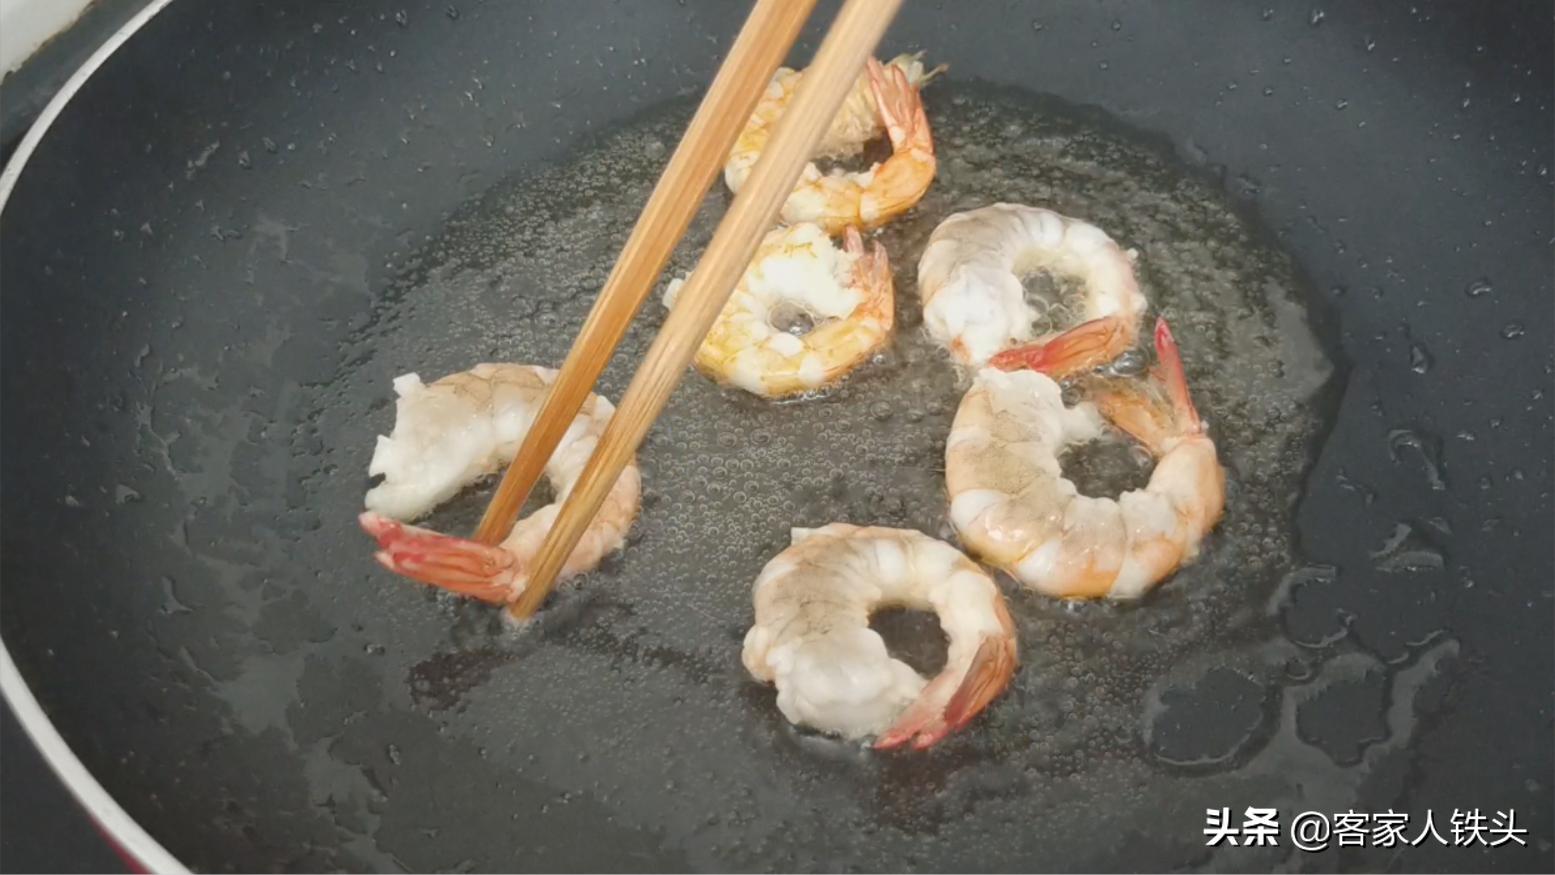 4塊豆腐6只蝦加一把菇,教你一道鮮味十足的家常菜,好吃又下飯